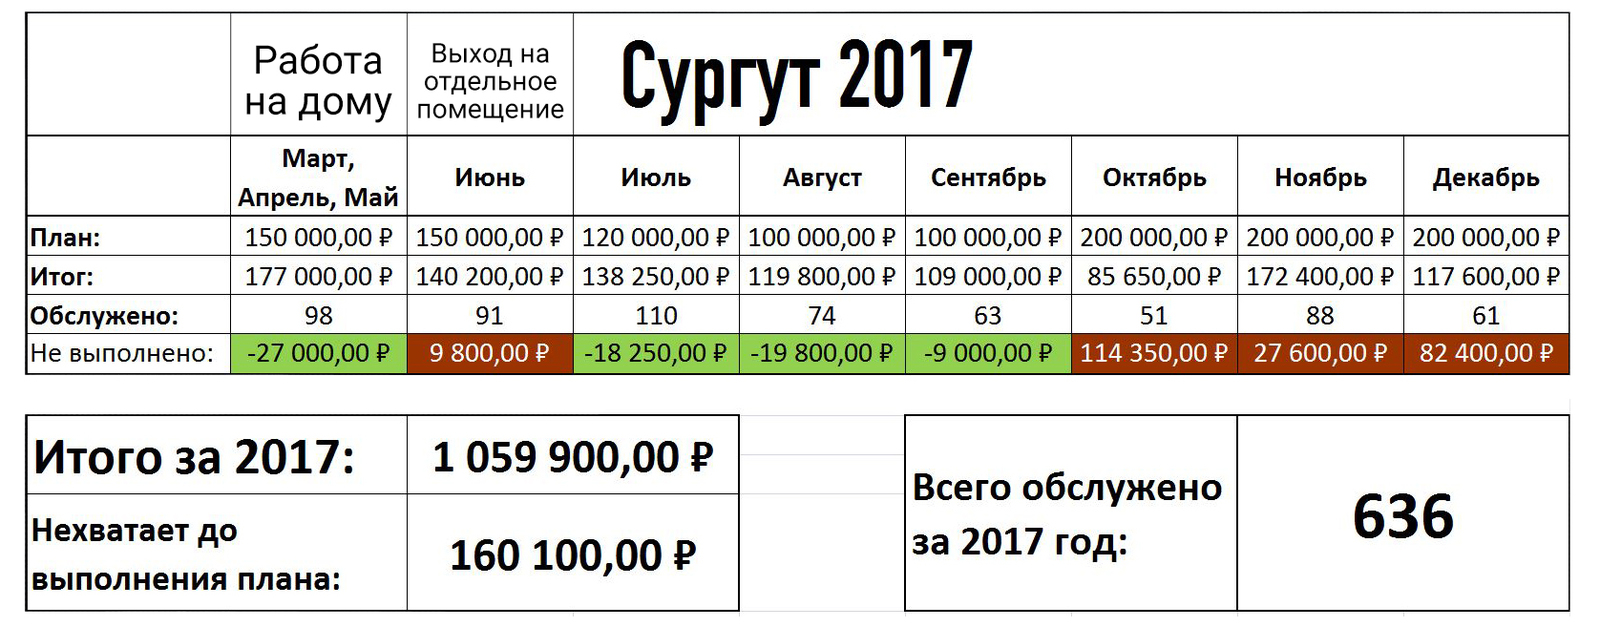 восточный банк карта кредитная подать заявку онлайн